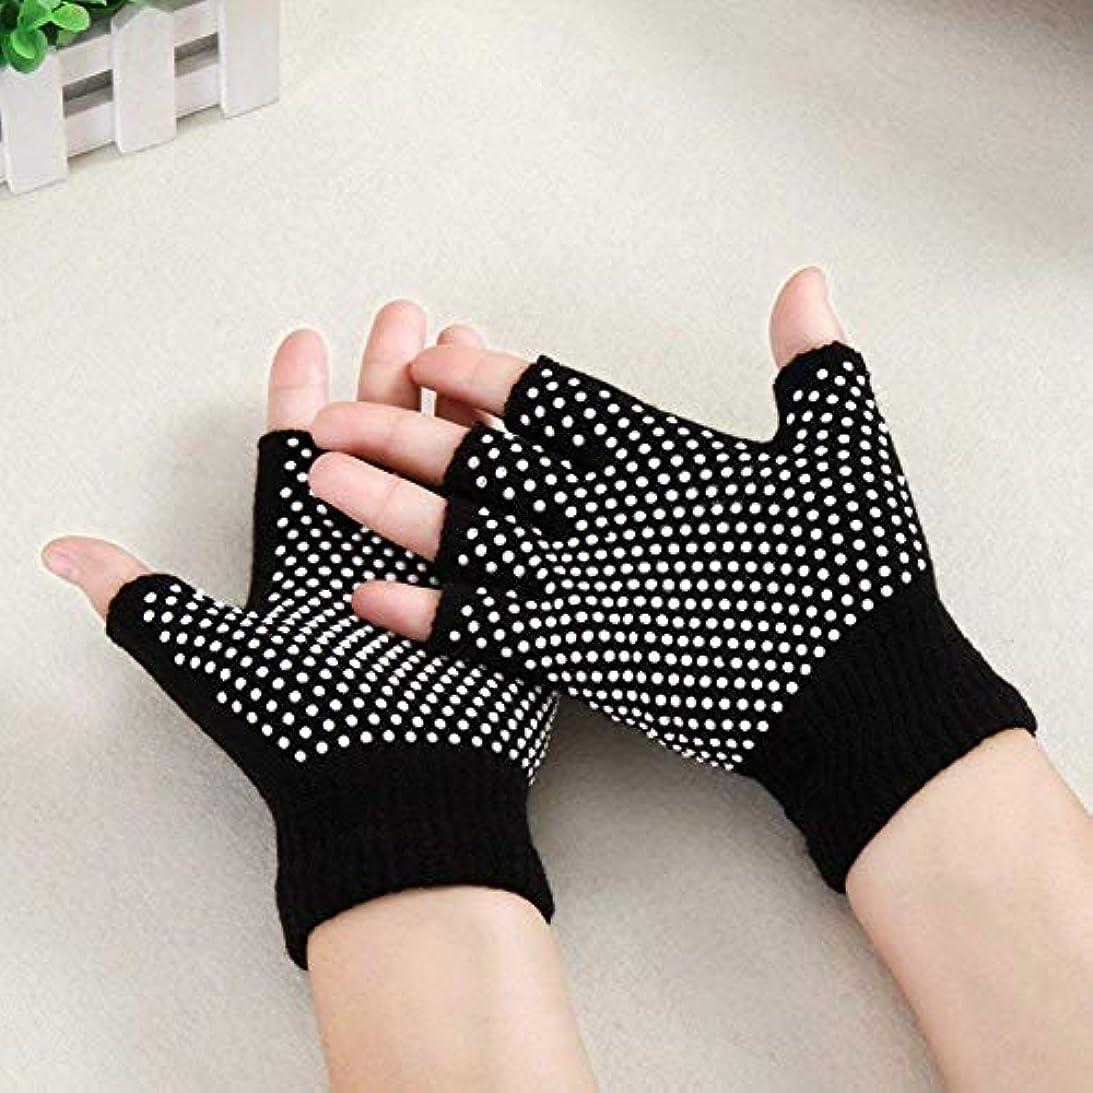 真実横に不安定なTyou ヨガ手袋 ヨガ グローブ スポーツ手袋 指なし 手袋 指無しタイプ滑り止め付き 通気性 耐磨耗性 スポーツ グローブ 男女兼用